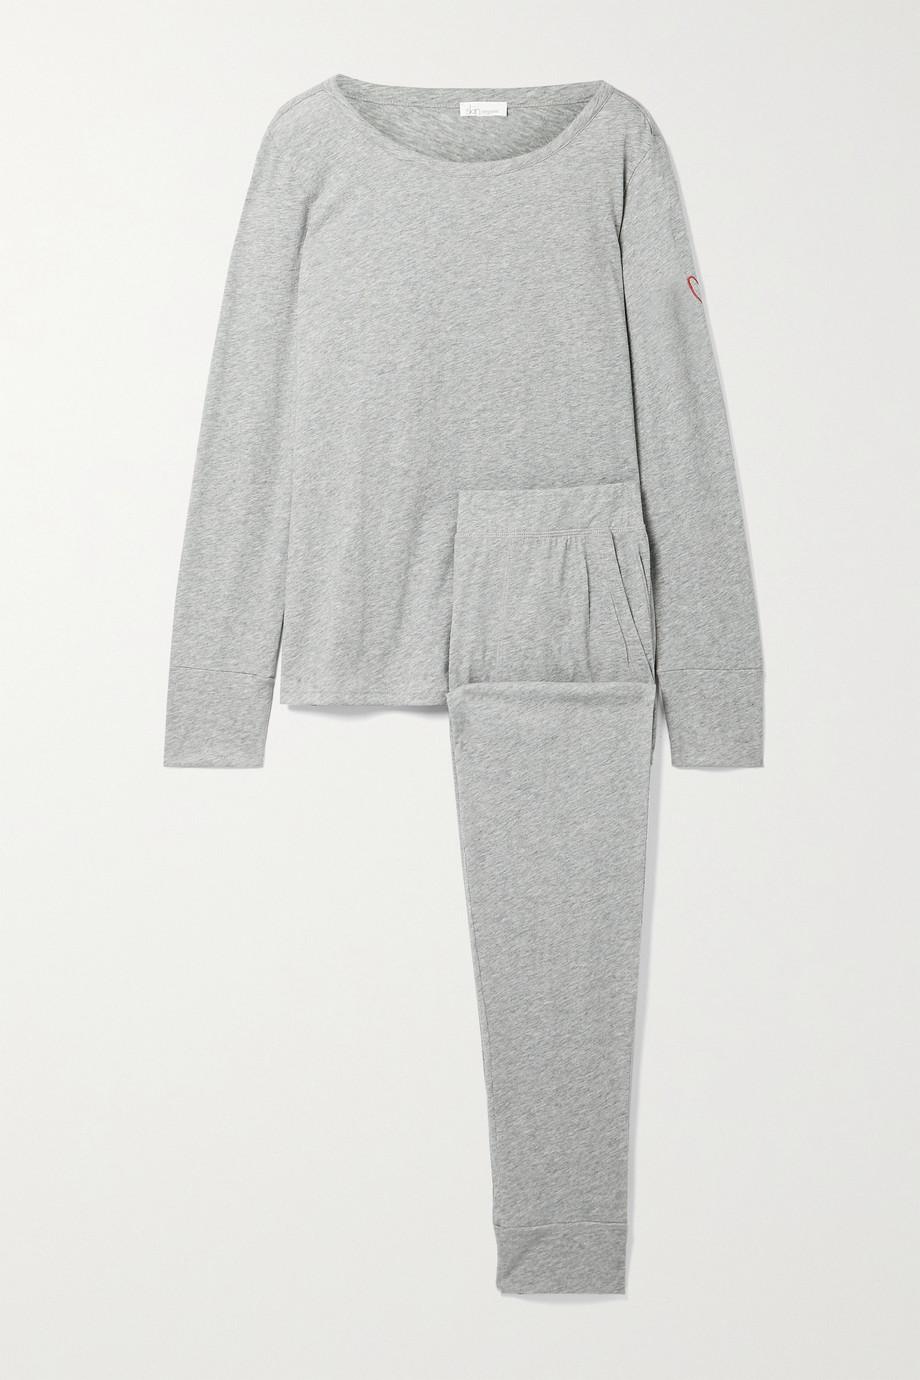 Skin + NET SUSTAIN Cassandra Pyjama aus Biobaumwoll-Jersey mit Stickerei